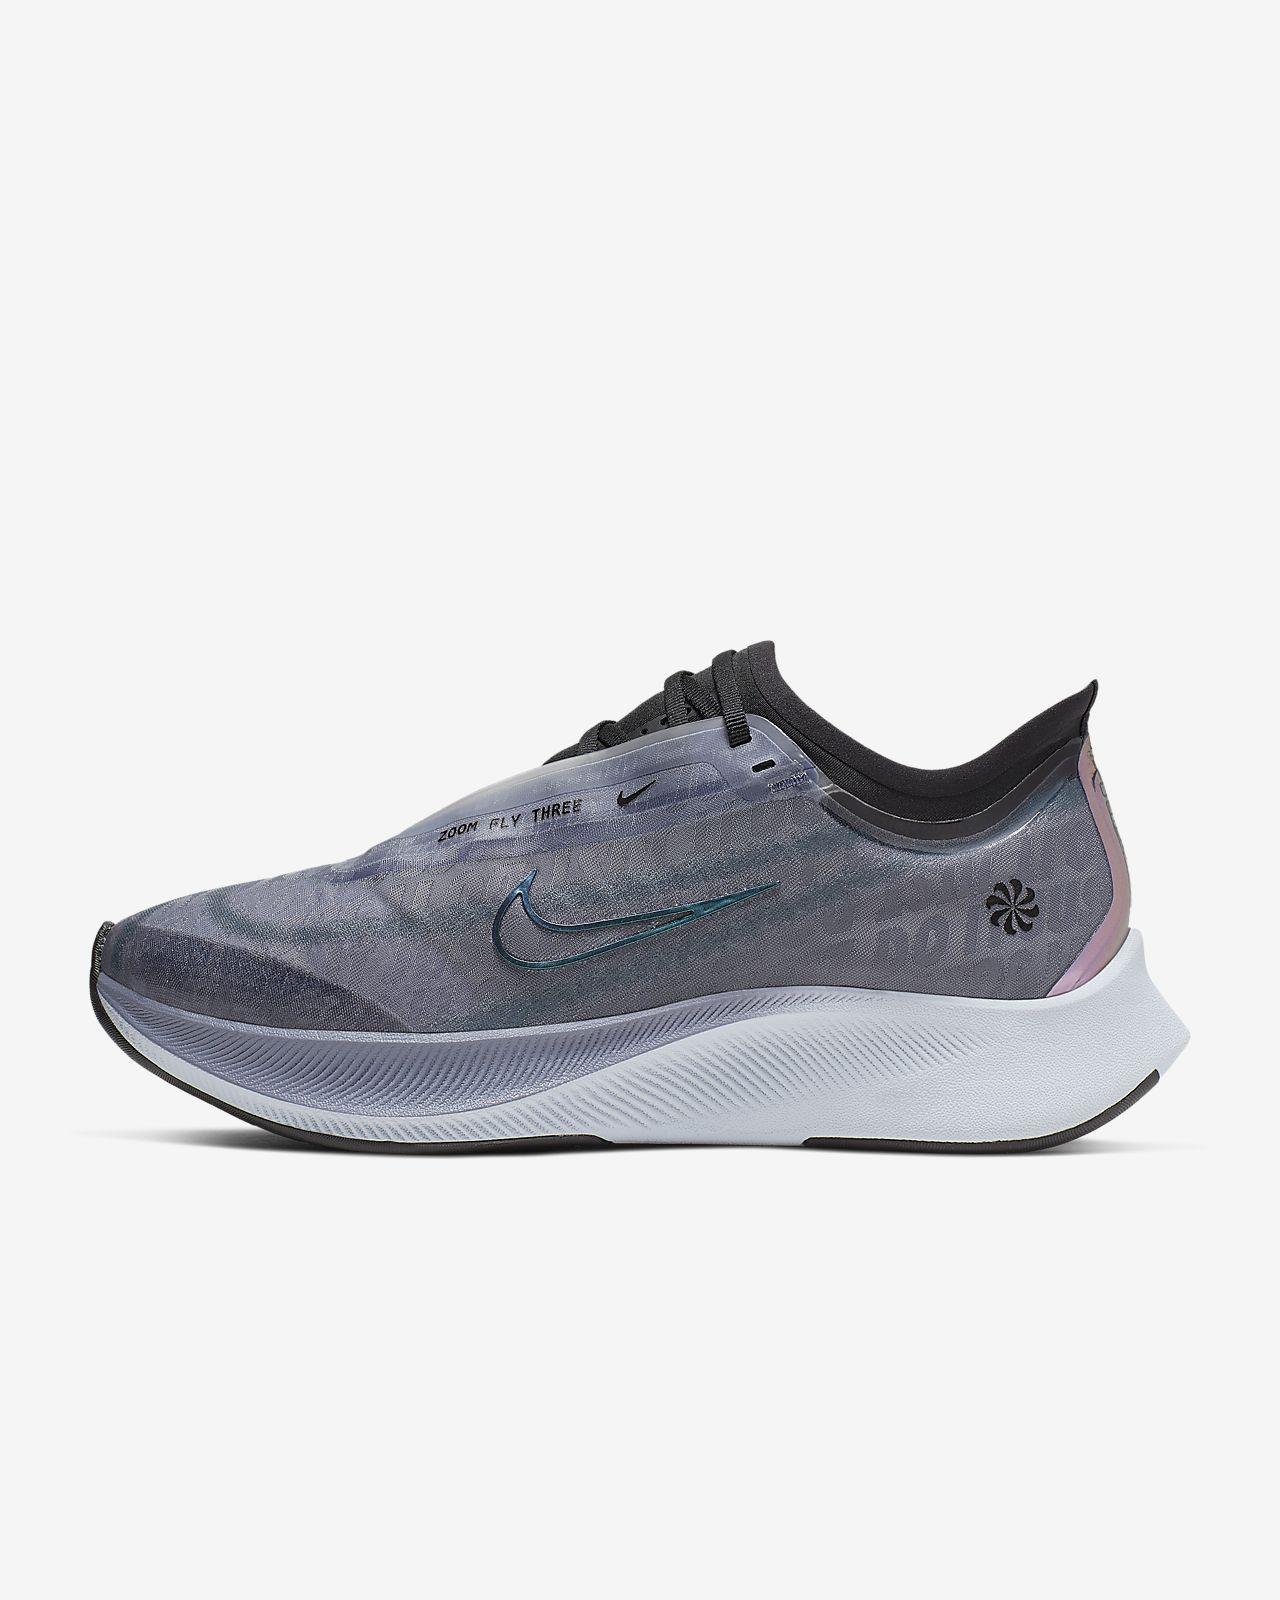 Nike Zoom Fly 3 Rise Damen-Laufschuh